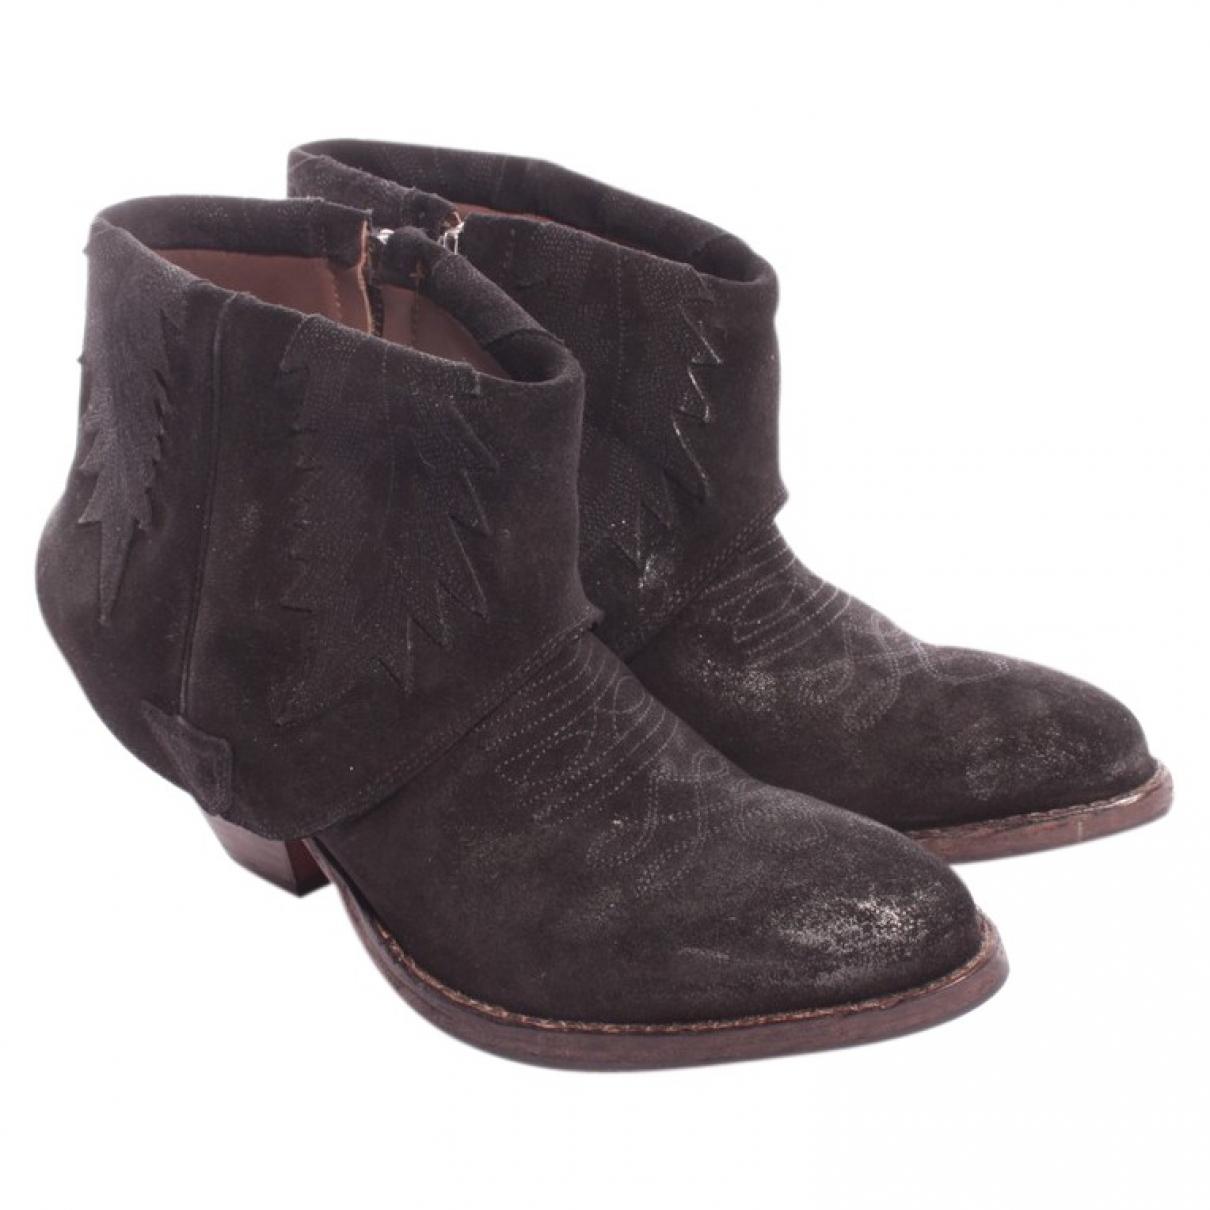 Htc - Boots   pour femme en suede - noir